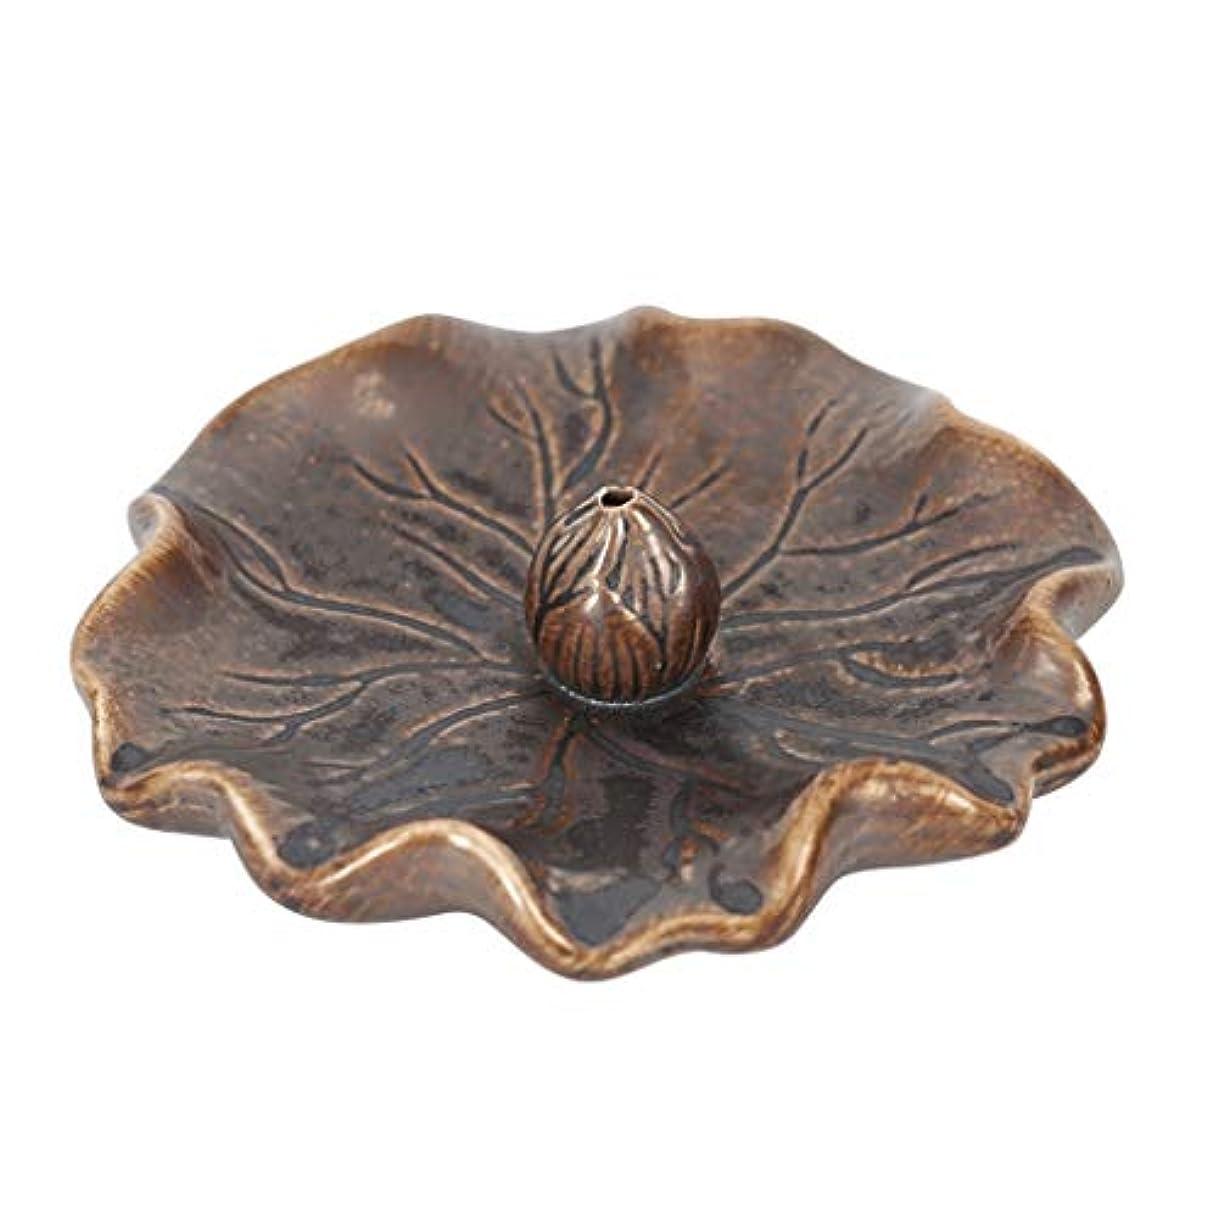 蓮の葉セラミック香炉ライン香バーナーホーム寒天ベース屋内香ホルダーホルダーまっすぐな香香スティック (Color : Brass, サイズ : 4.52*1.18inchs)